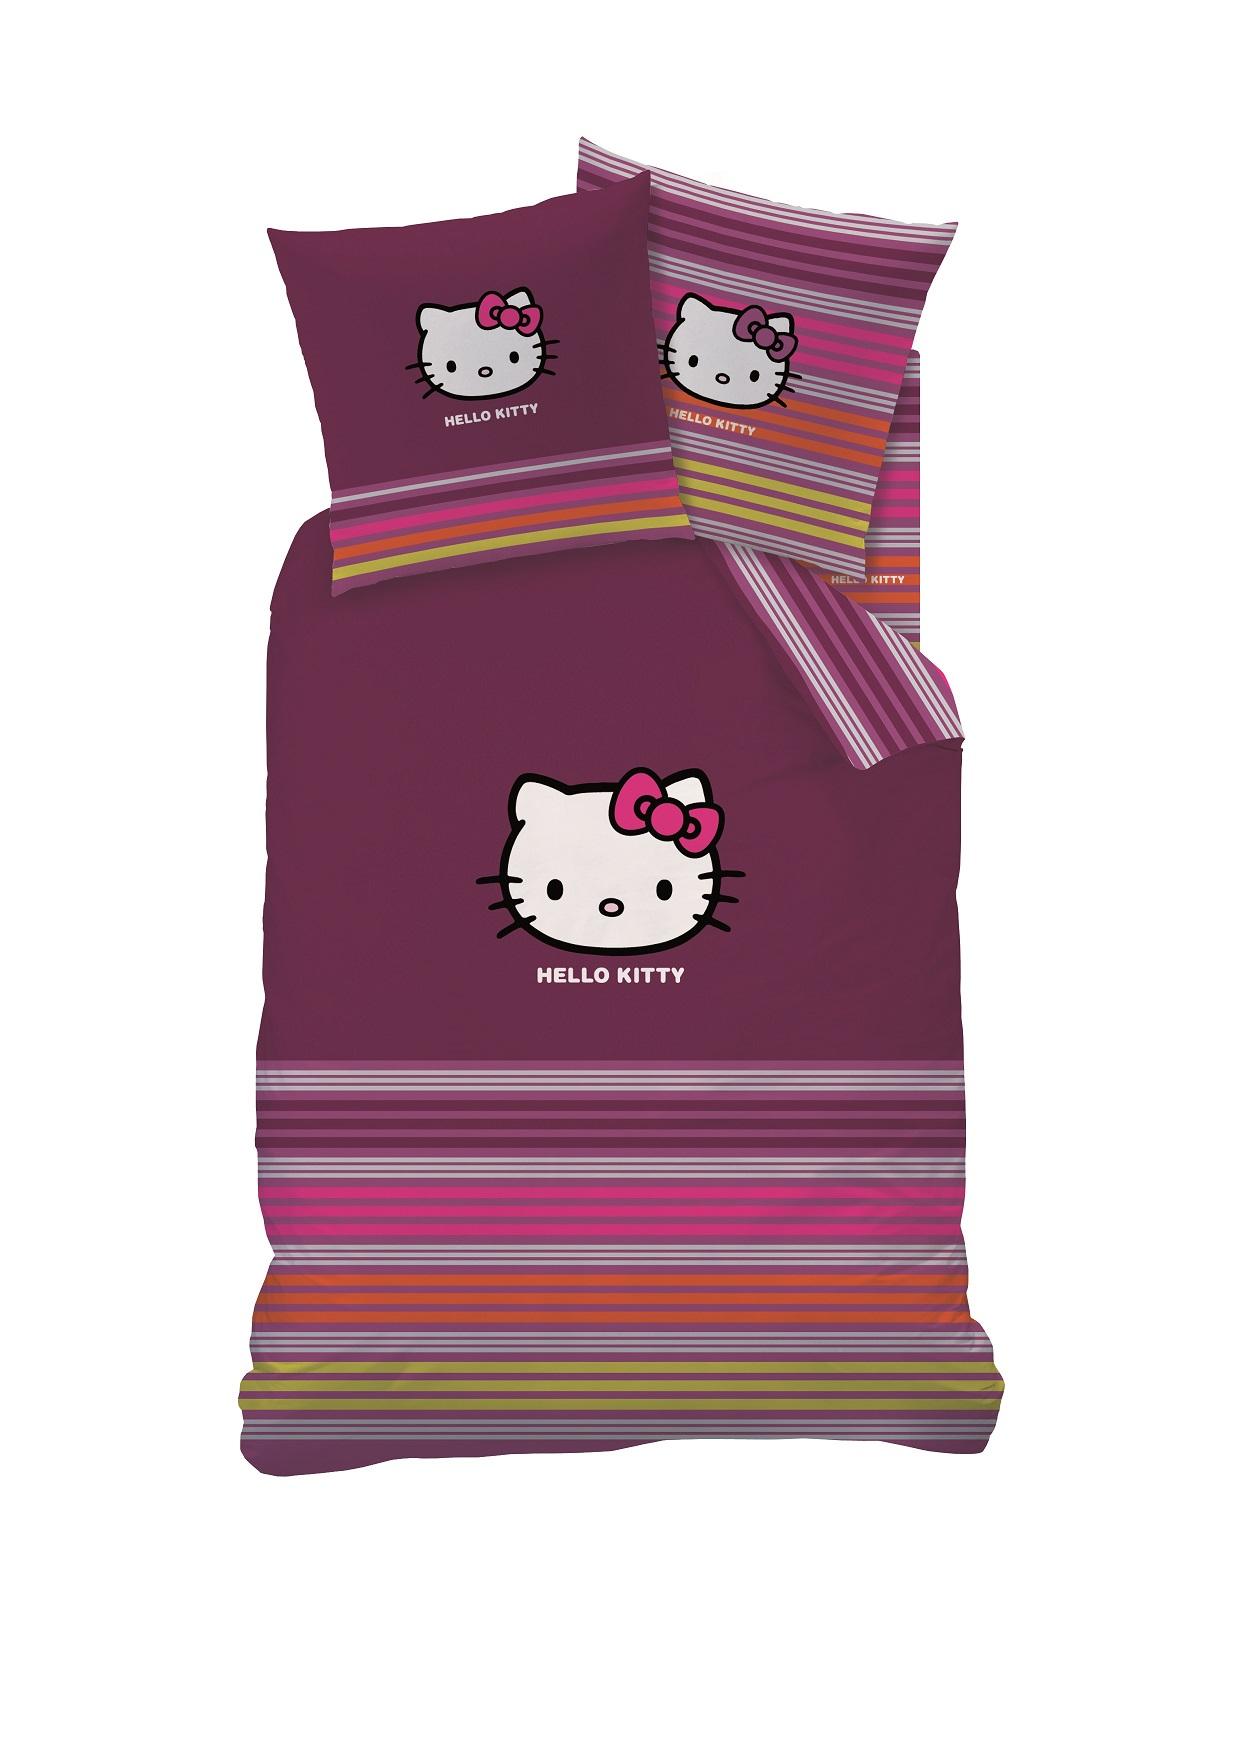 auswahl bettw sche set 135x200 80x80 minions violetta. Black Bedroom Furniture Sets. Home Design Ideas